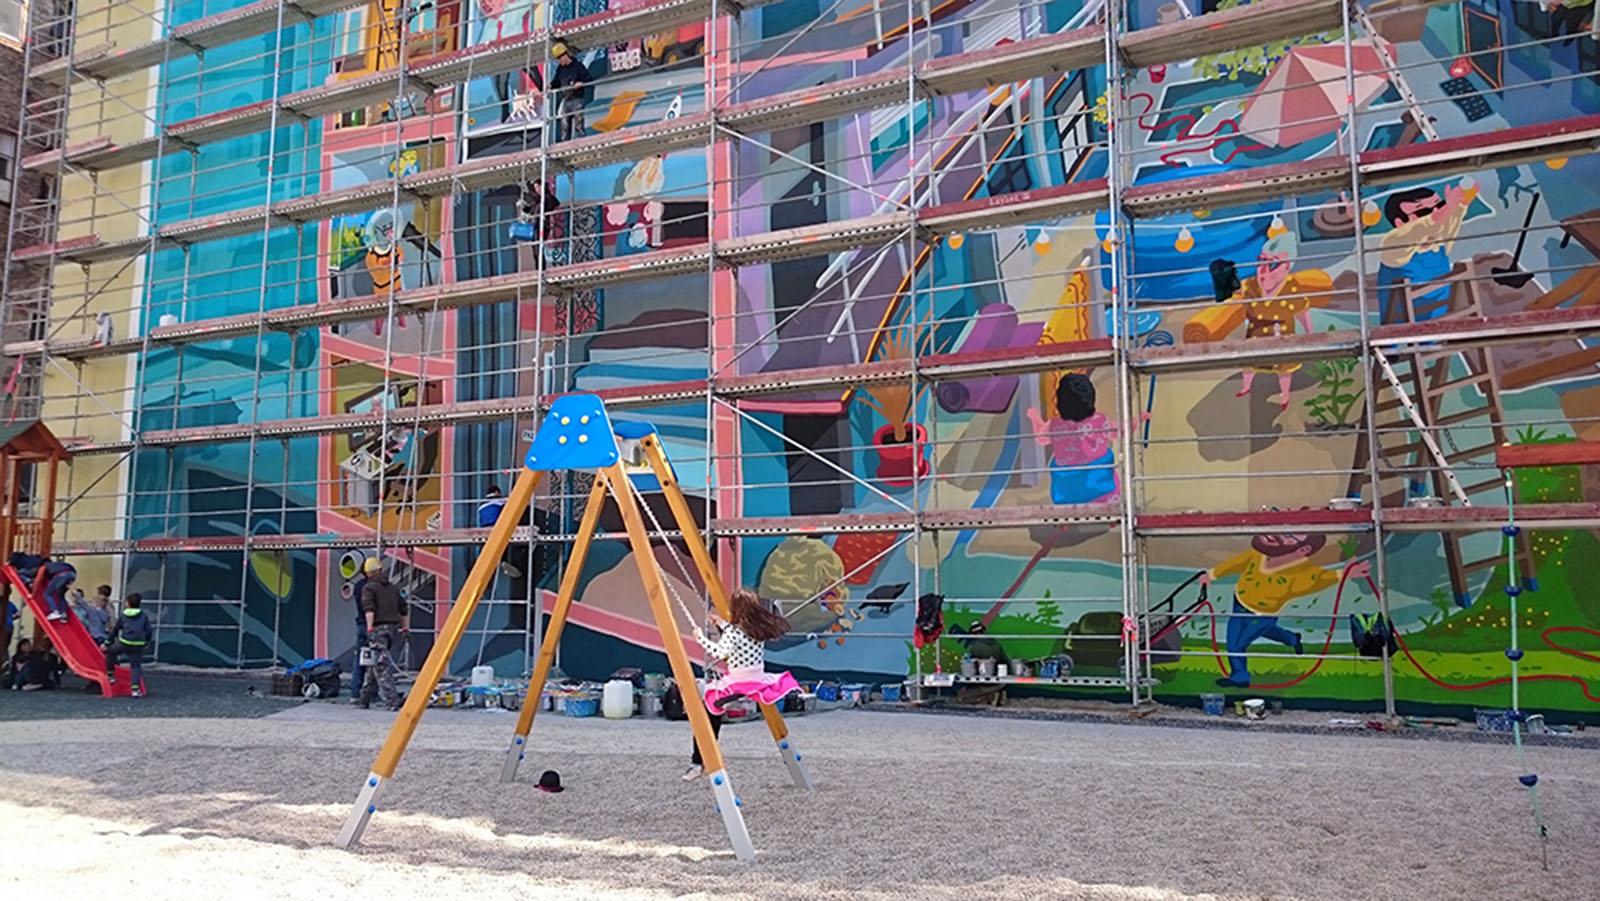 neopaint works - tűzfalfestés - falfestmény - dekorációs festés - graffiti (24)